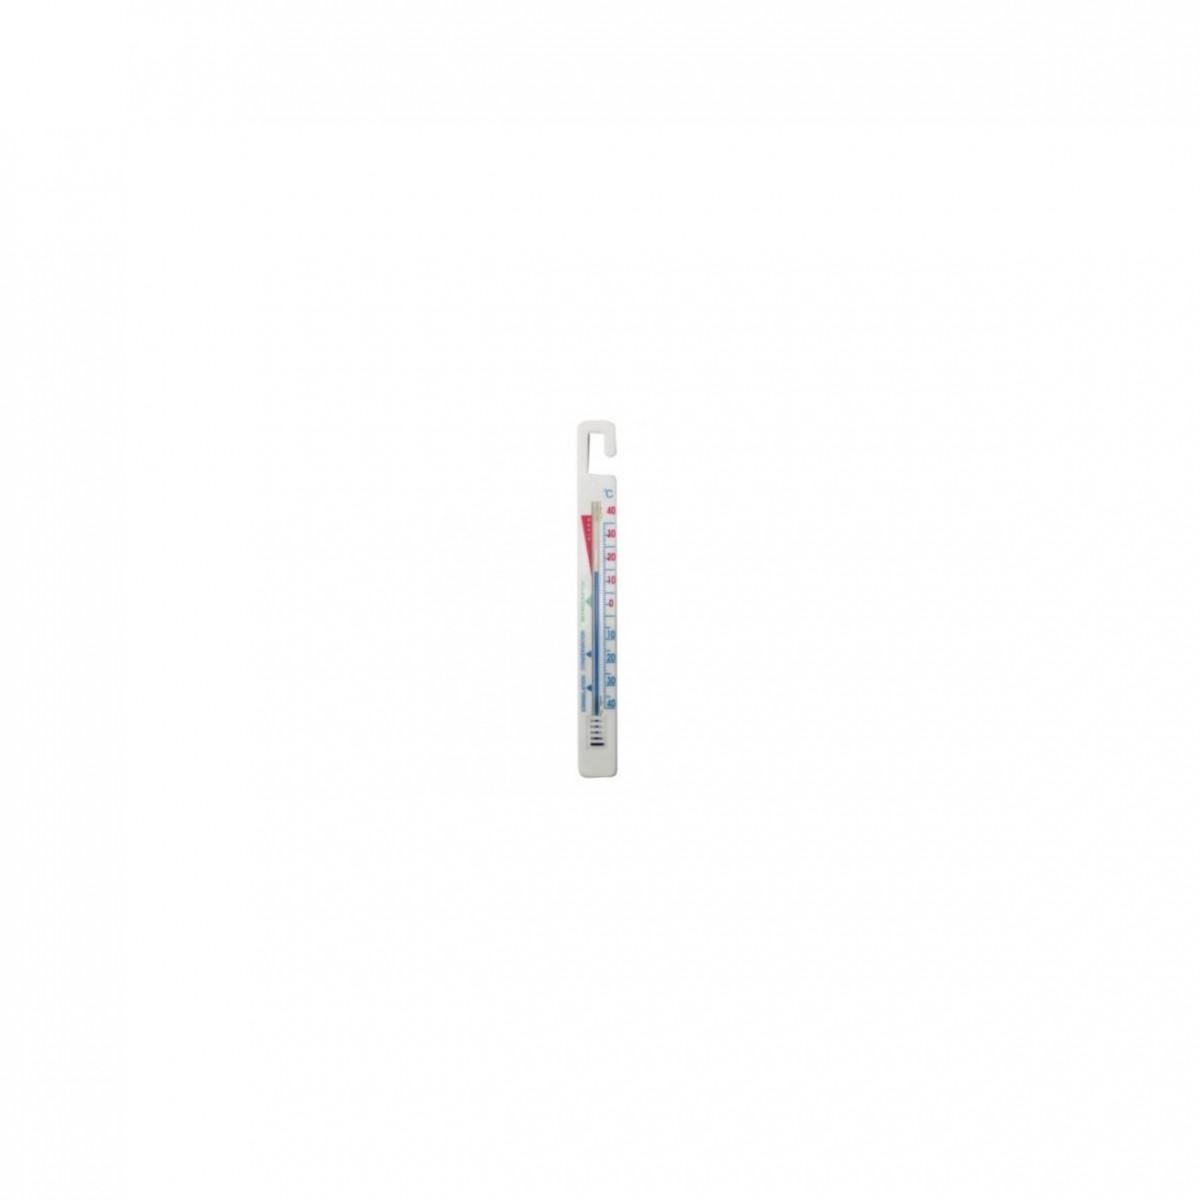 CONZEPT Køleskabstermometer 15,5 cm